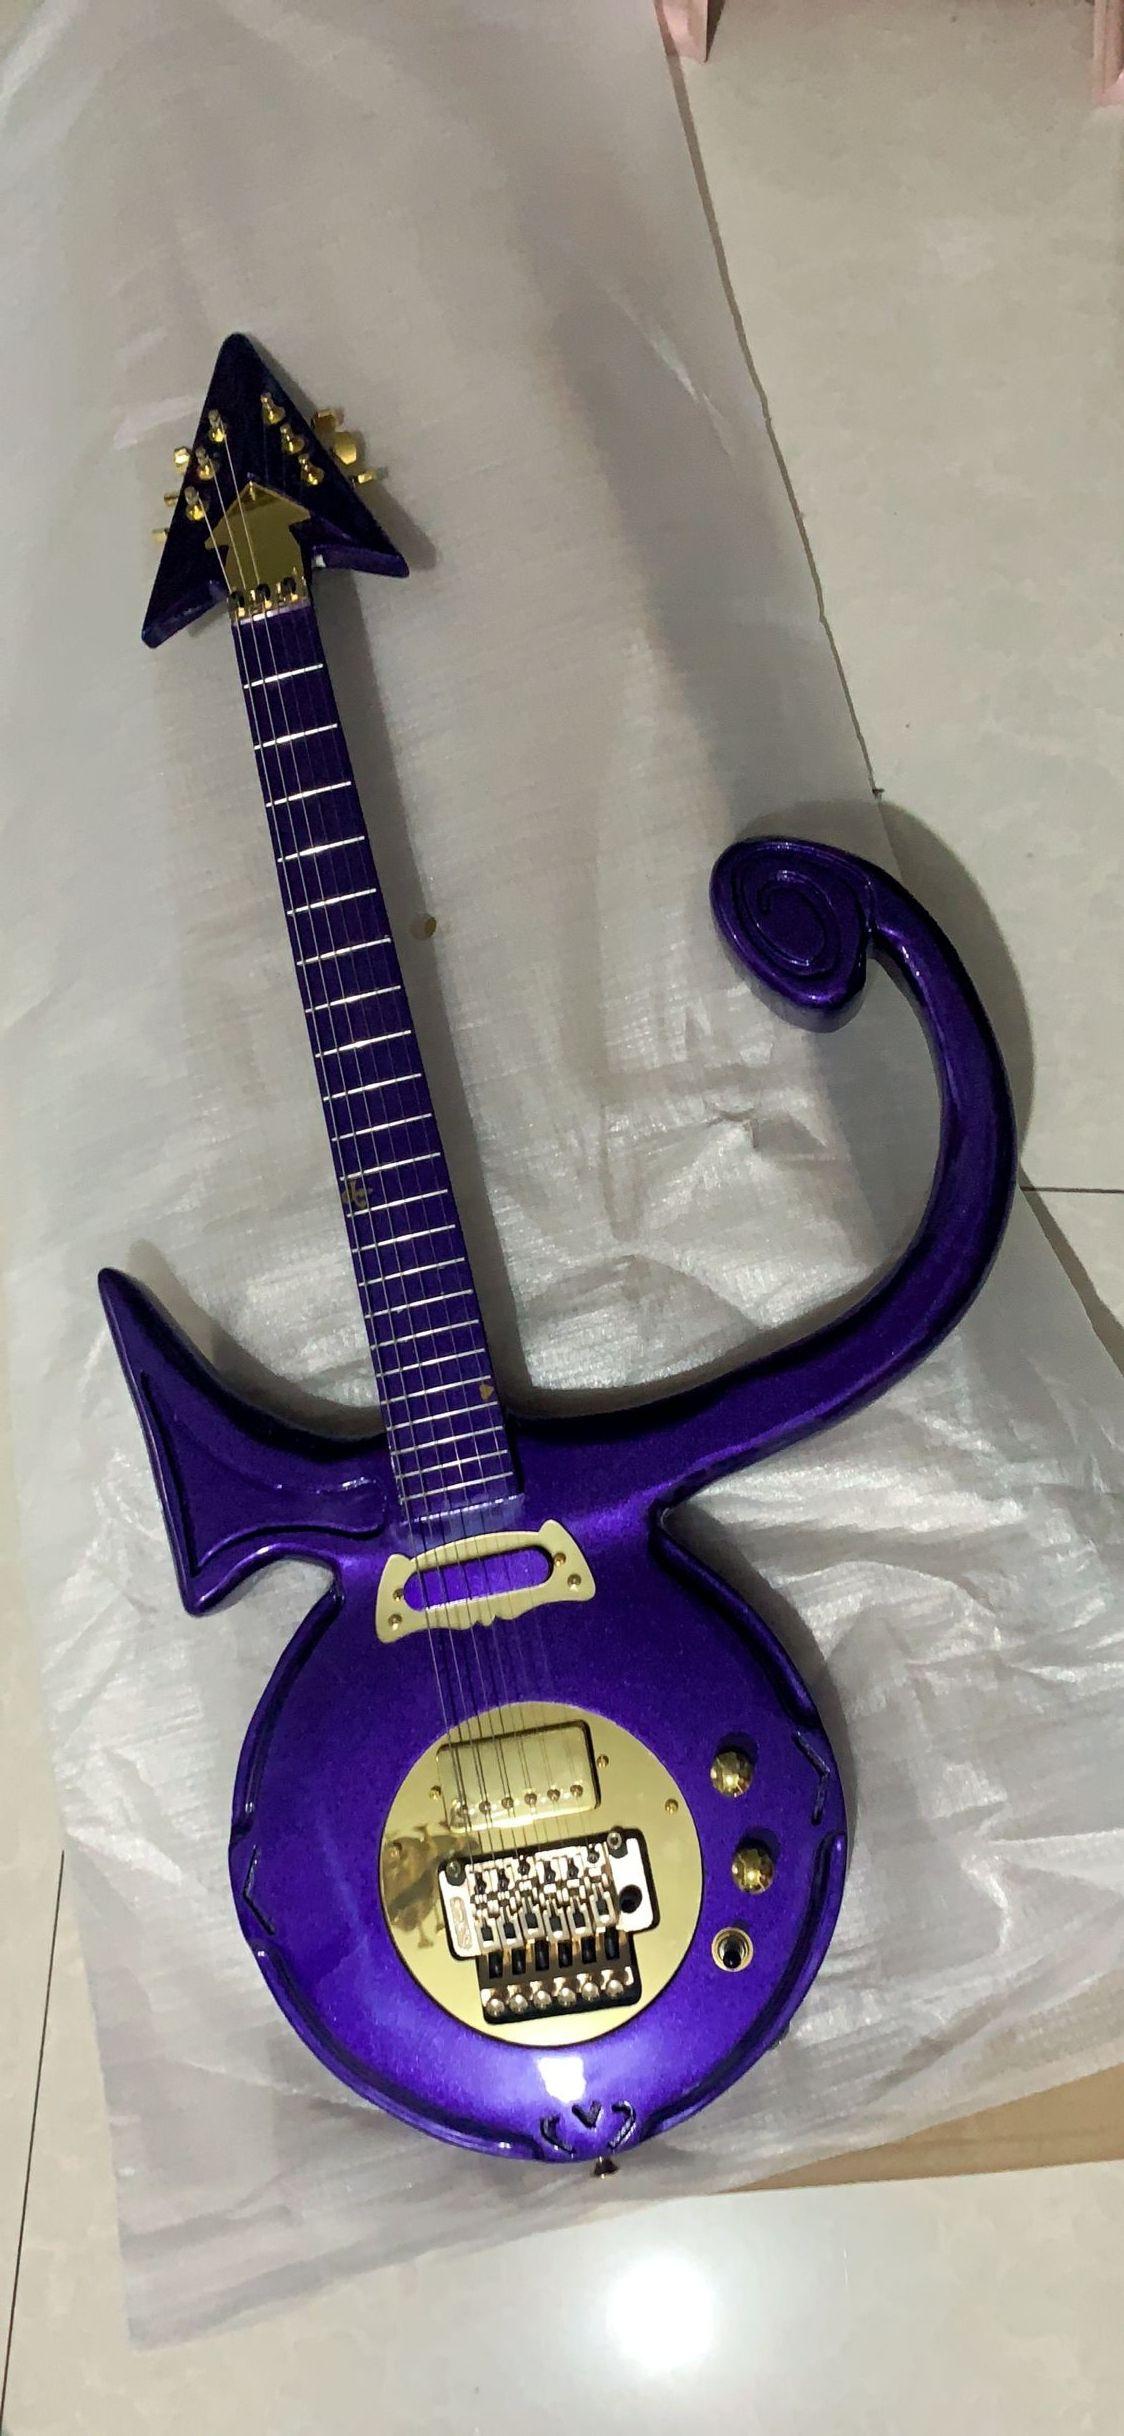 Symbole personnalisé Résumé Purple Rain Guitar Violet métallisé avec Headstock encastré or Grovers assortis Guitare électrique